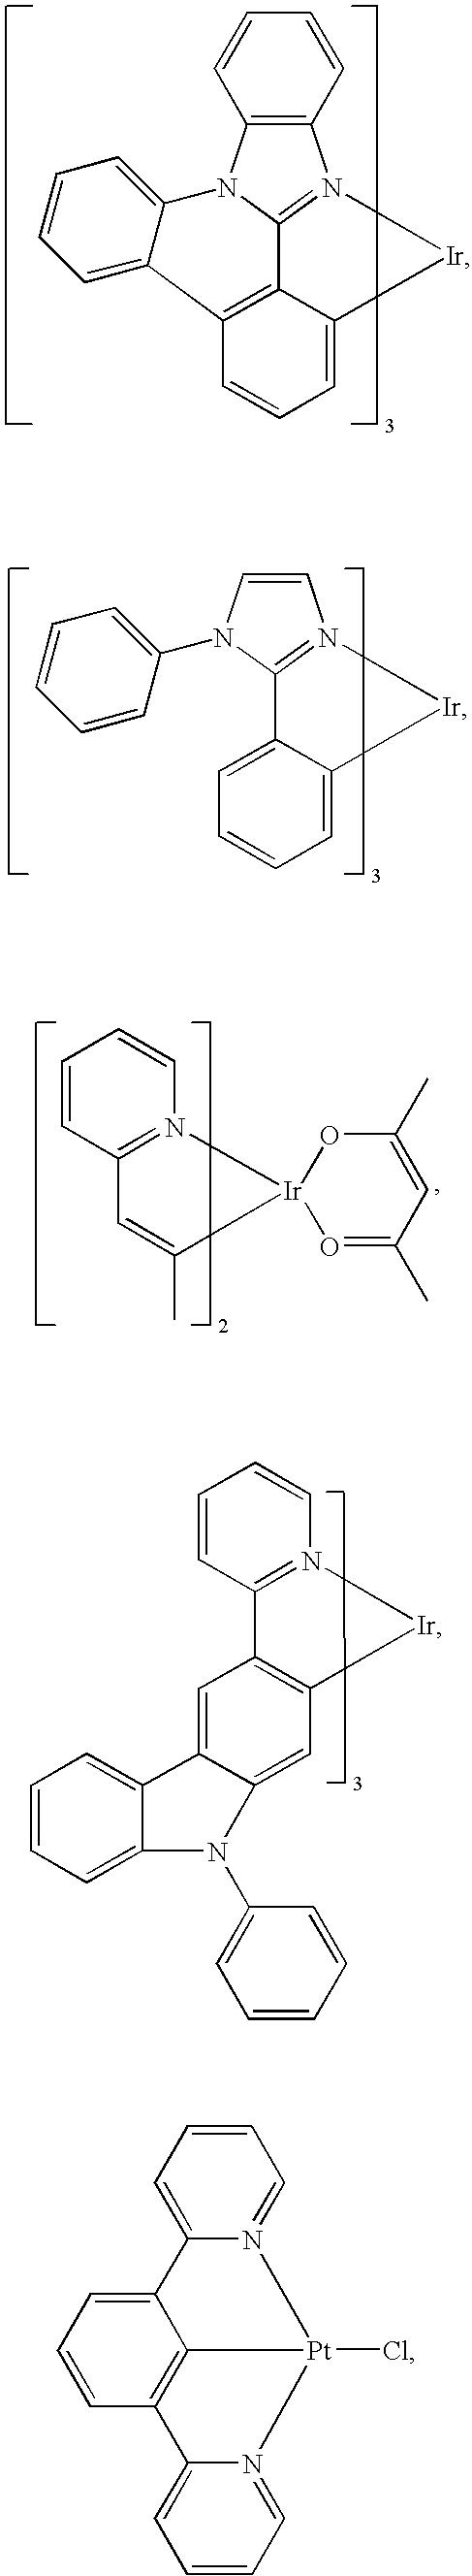 Figure US20100072887A1-20100325-C00221